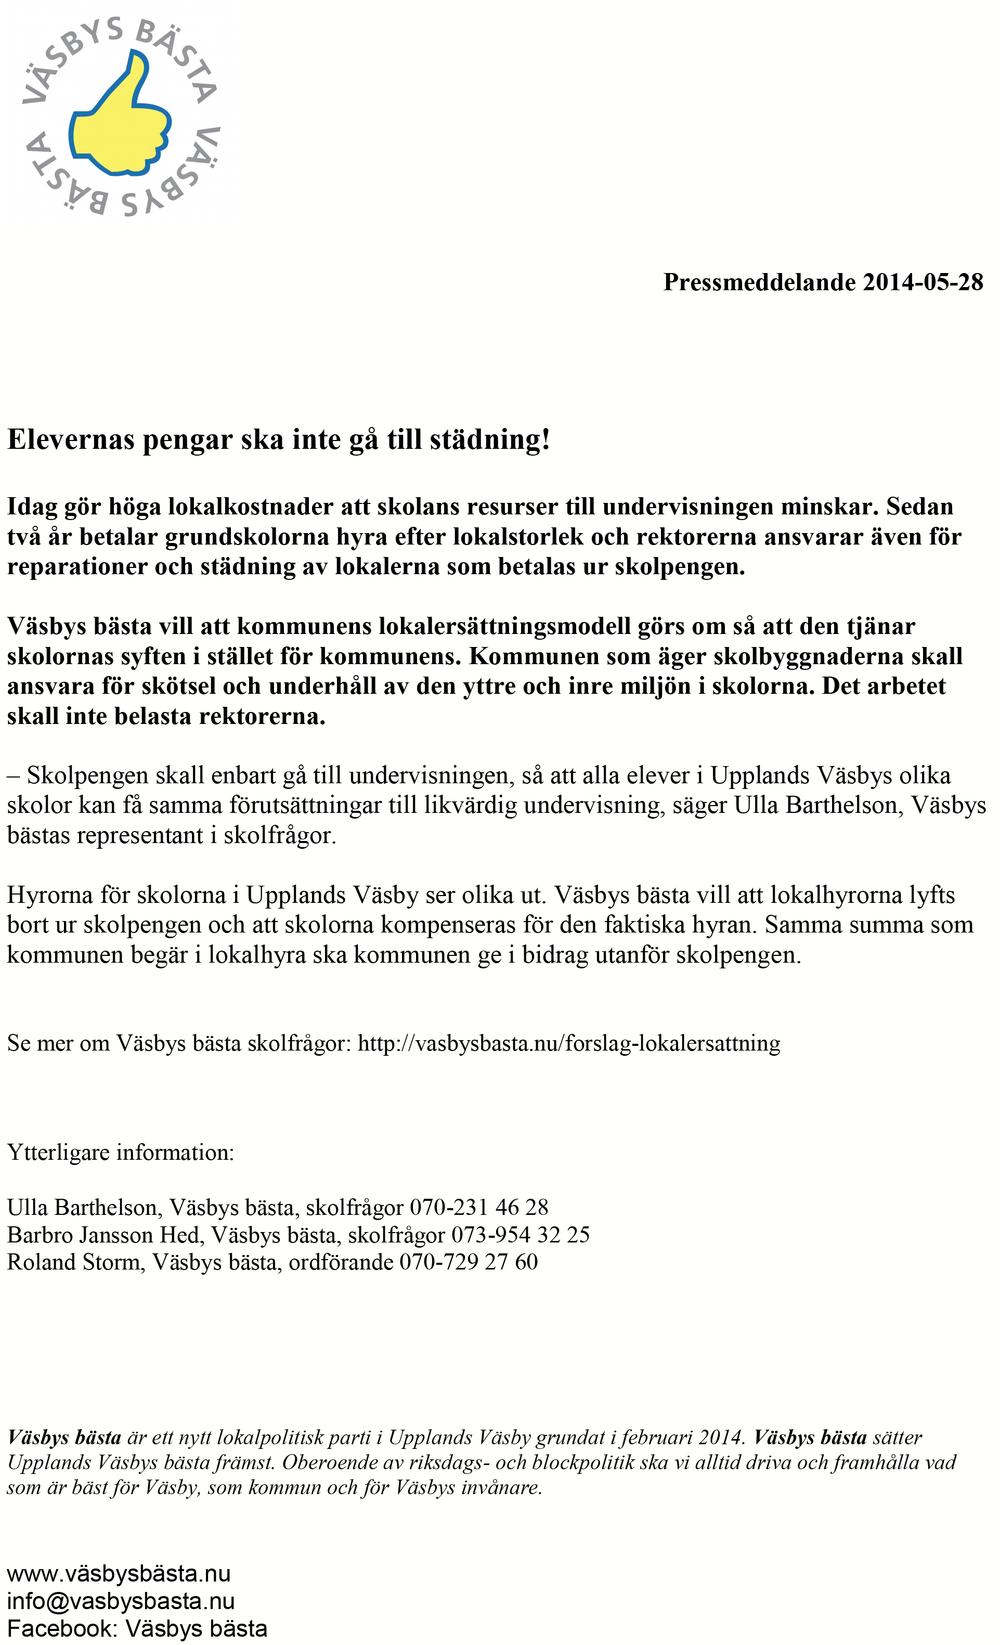 2014-05-28 Pressmeddelande Elevernas pengar skall inte ga till stadning.png